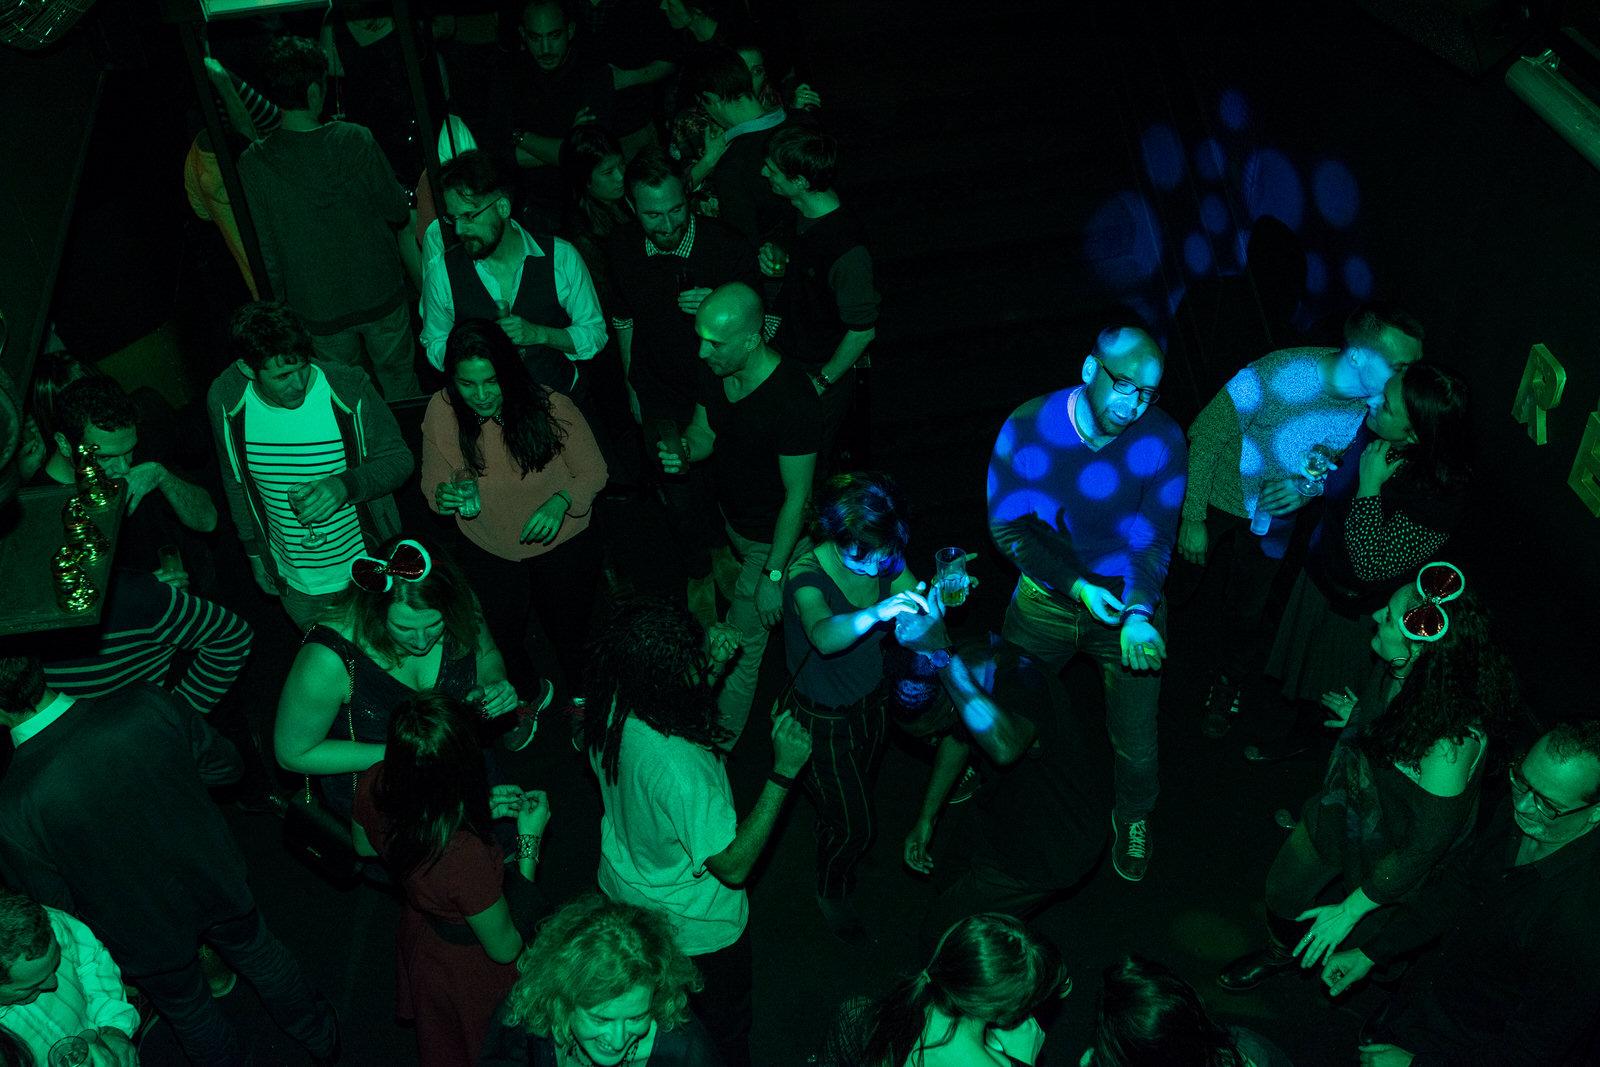 Espace de coworking paris REMIX party winter - 113.jpg